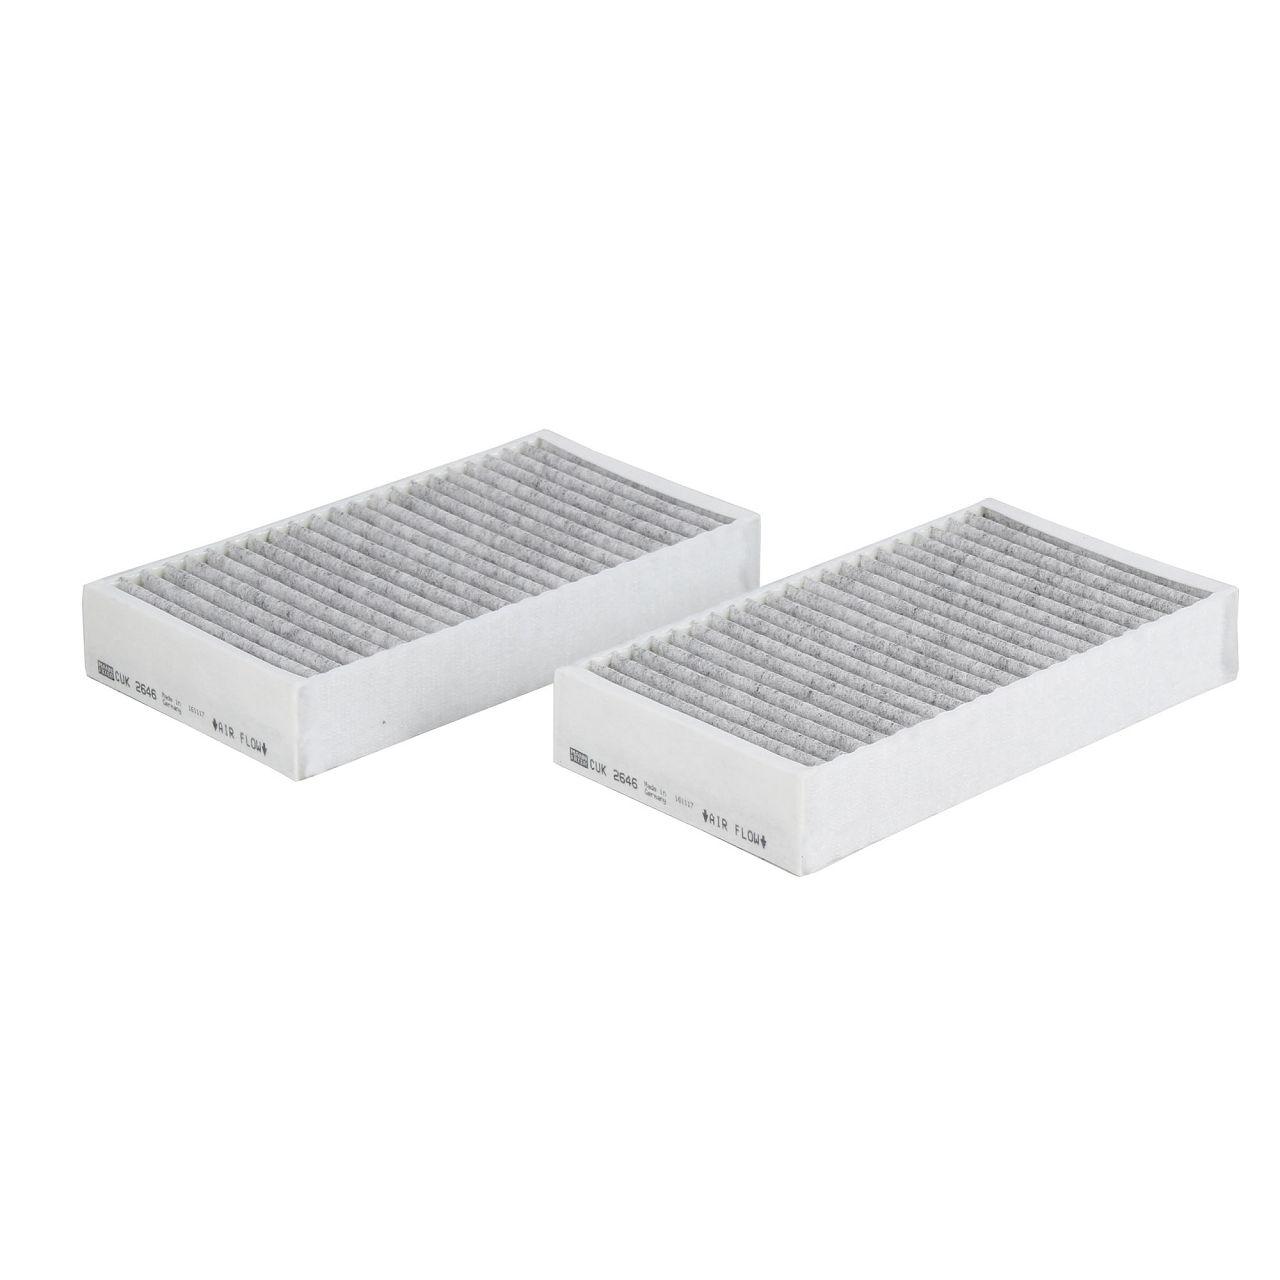 MANN Filterset für MERCEDES X164 320/350CDI + W164 280-350CDI + W251 280-320CDI